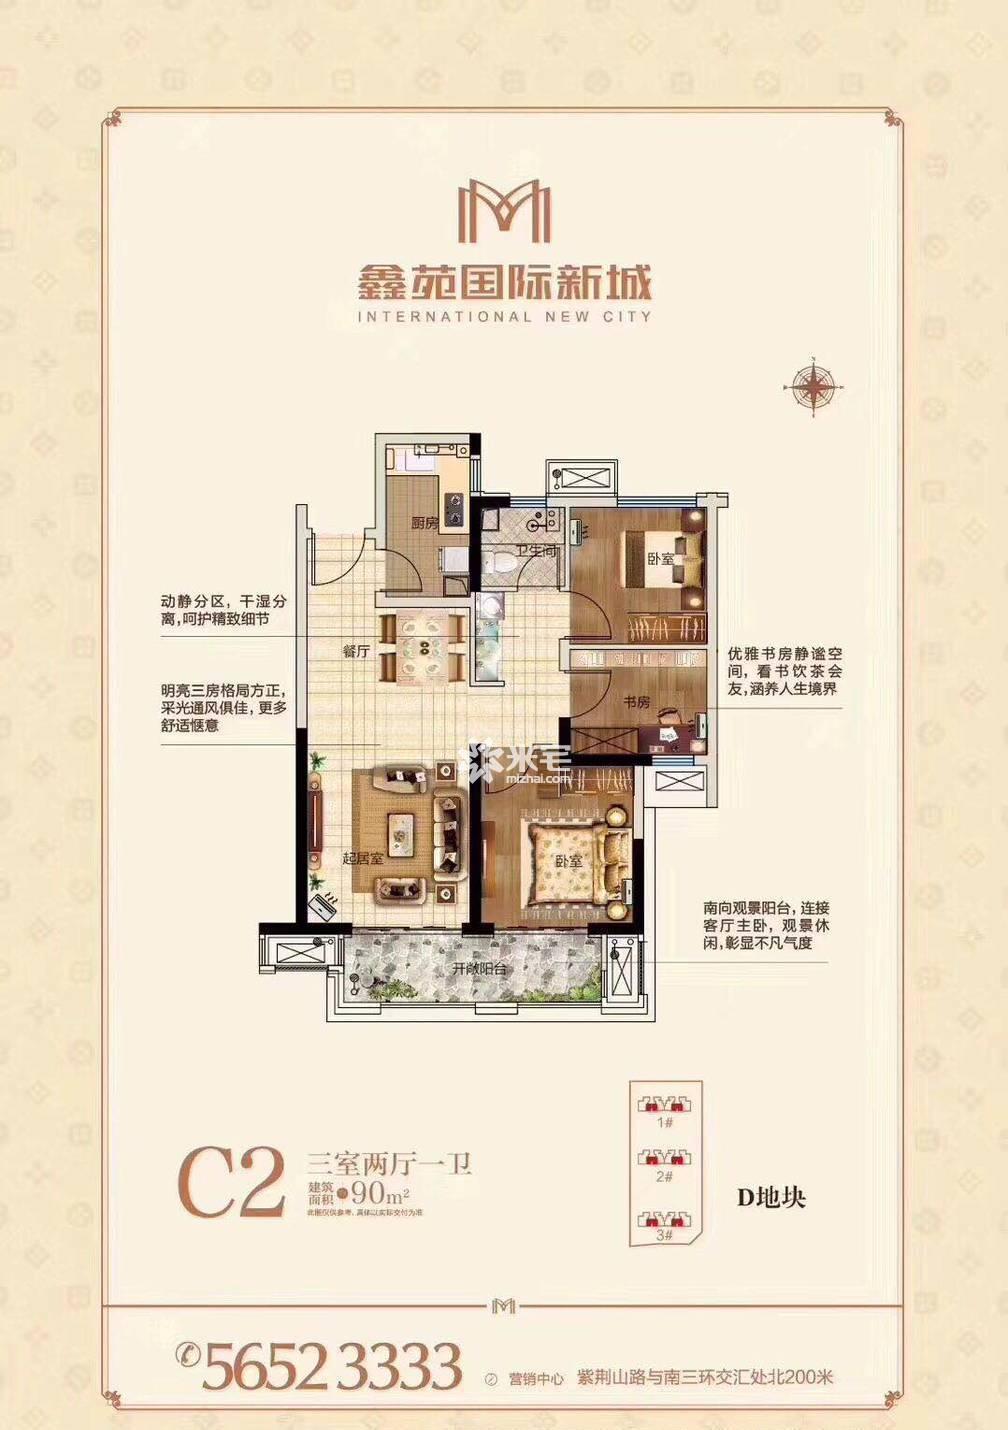 鑫苑国际新城户型图